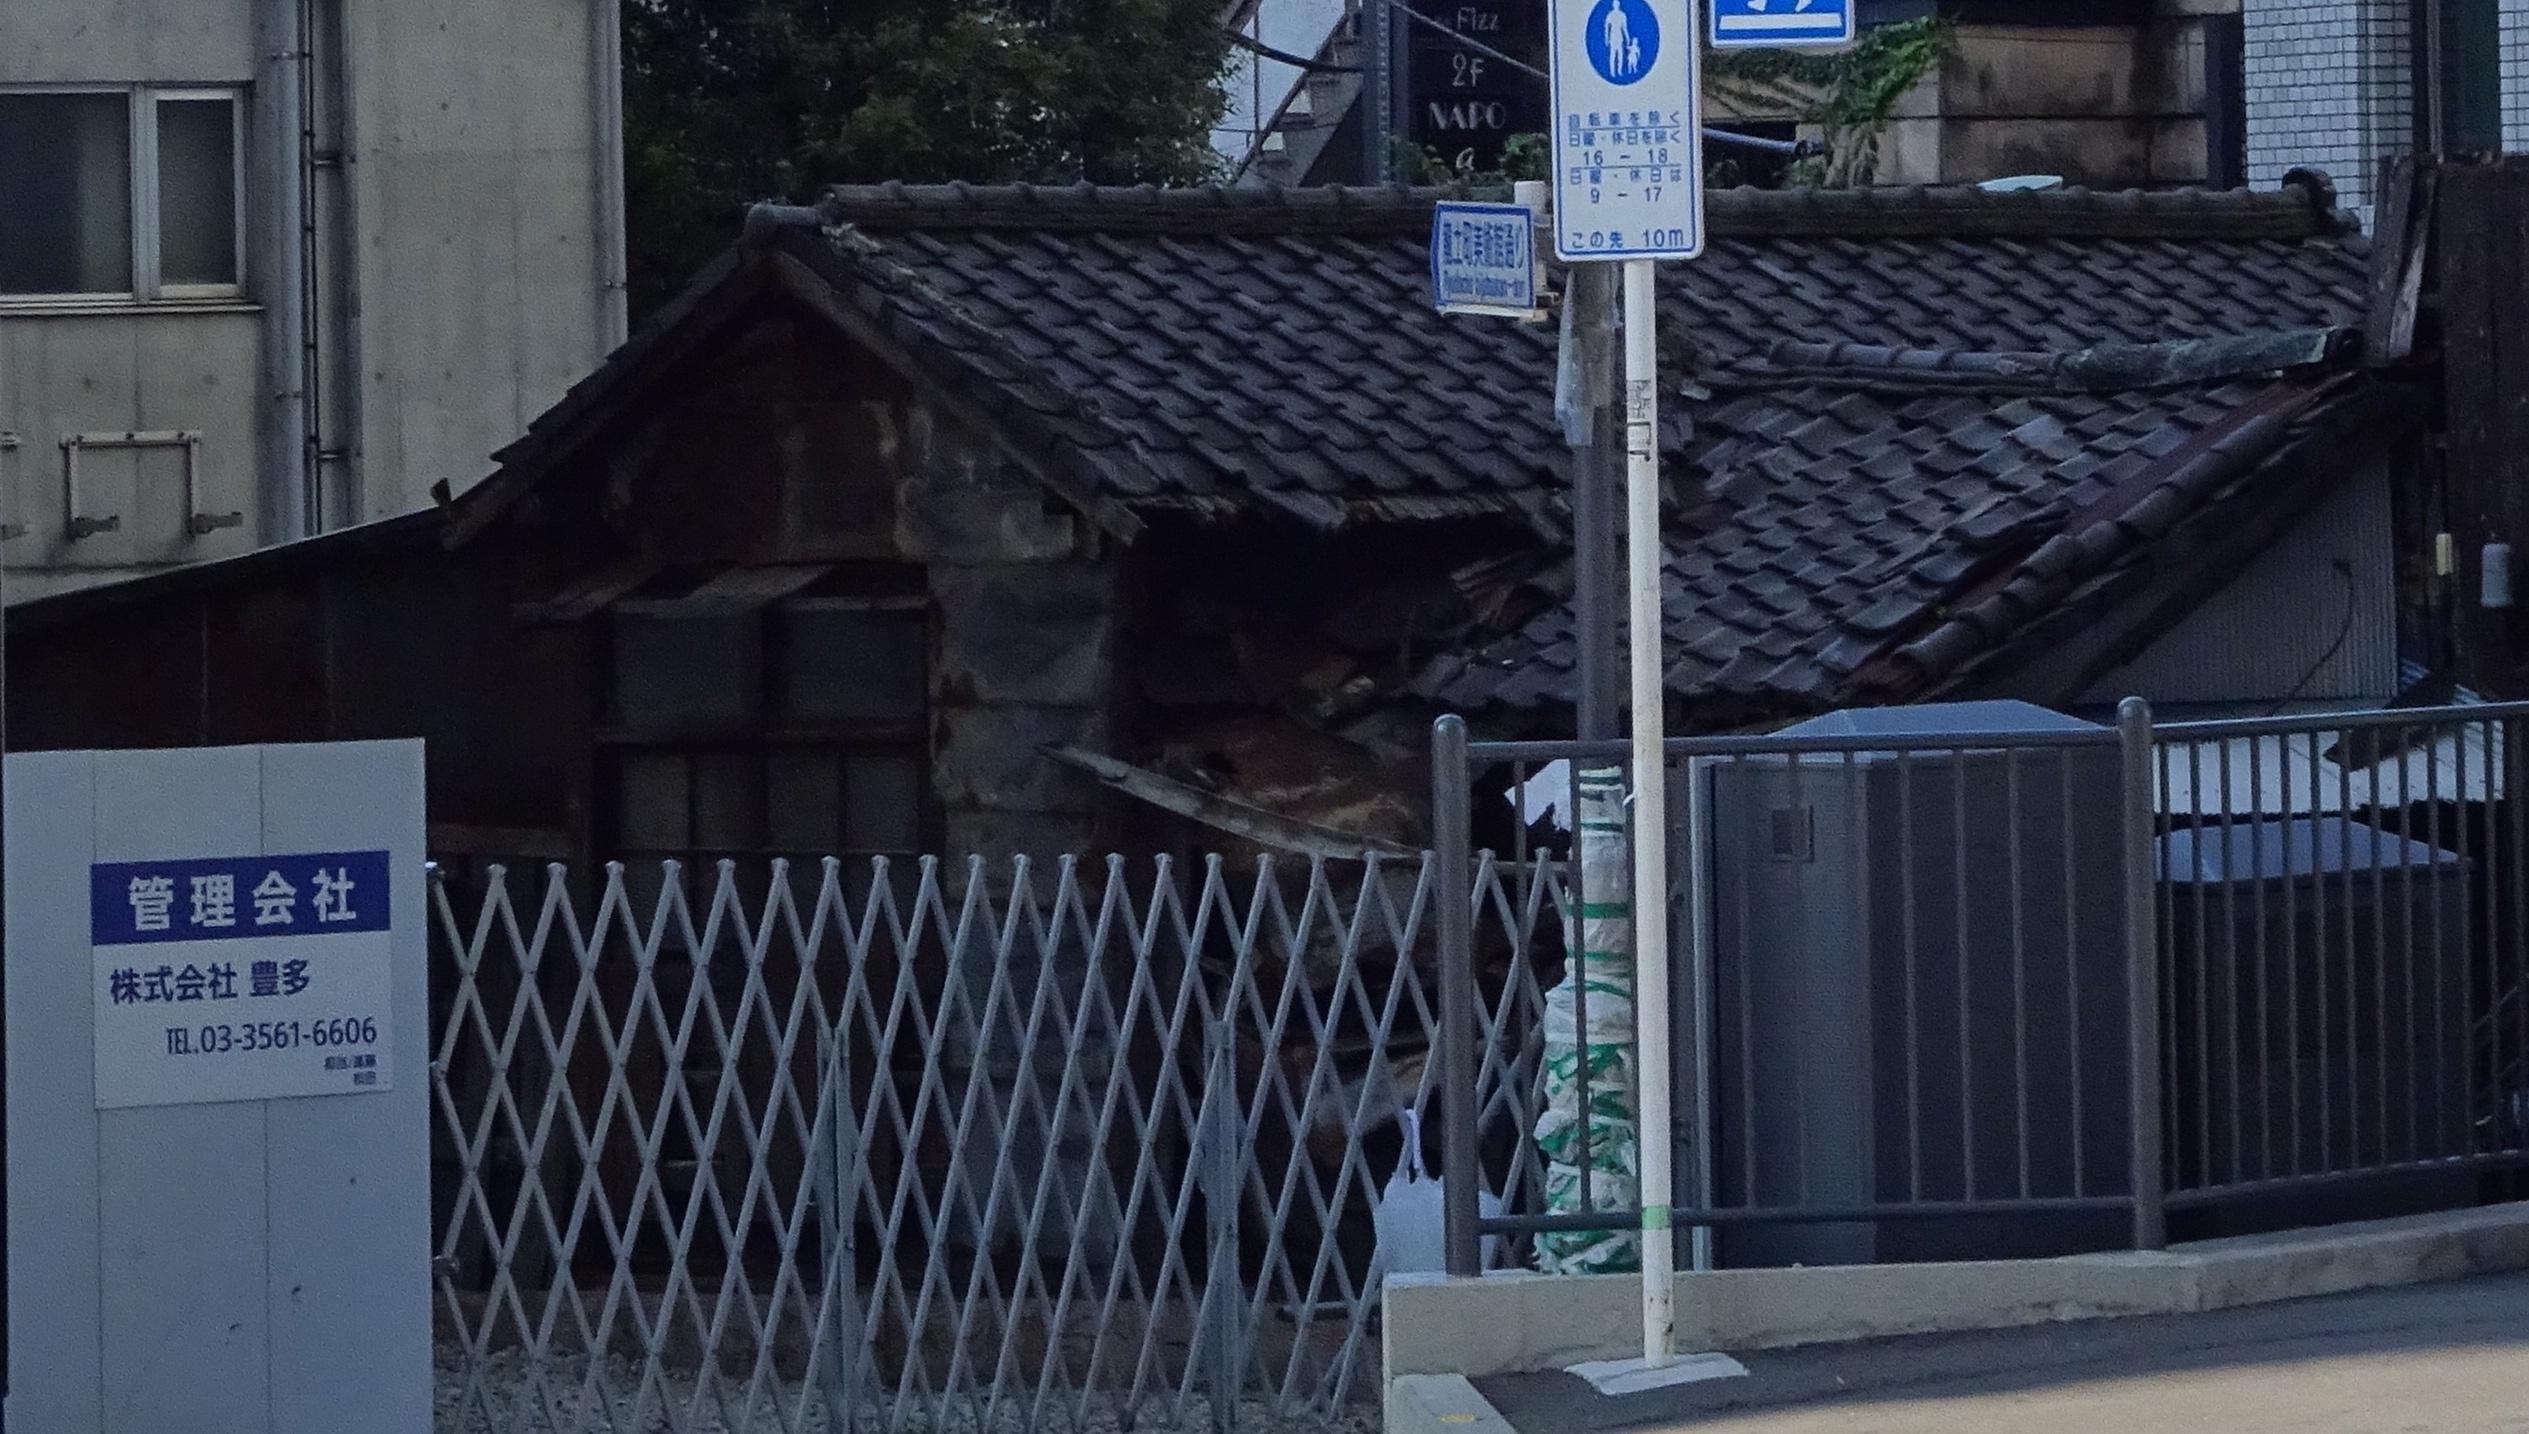 Tokyo old home in sity.jpg